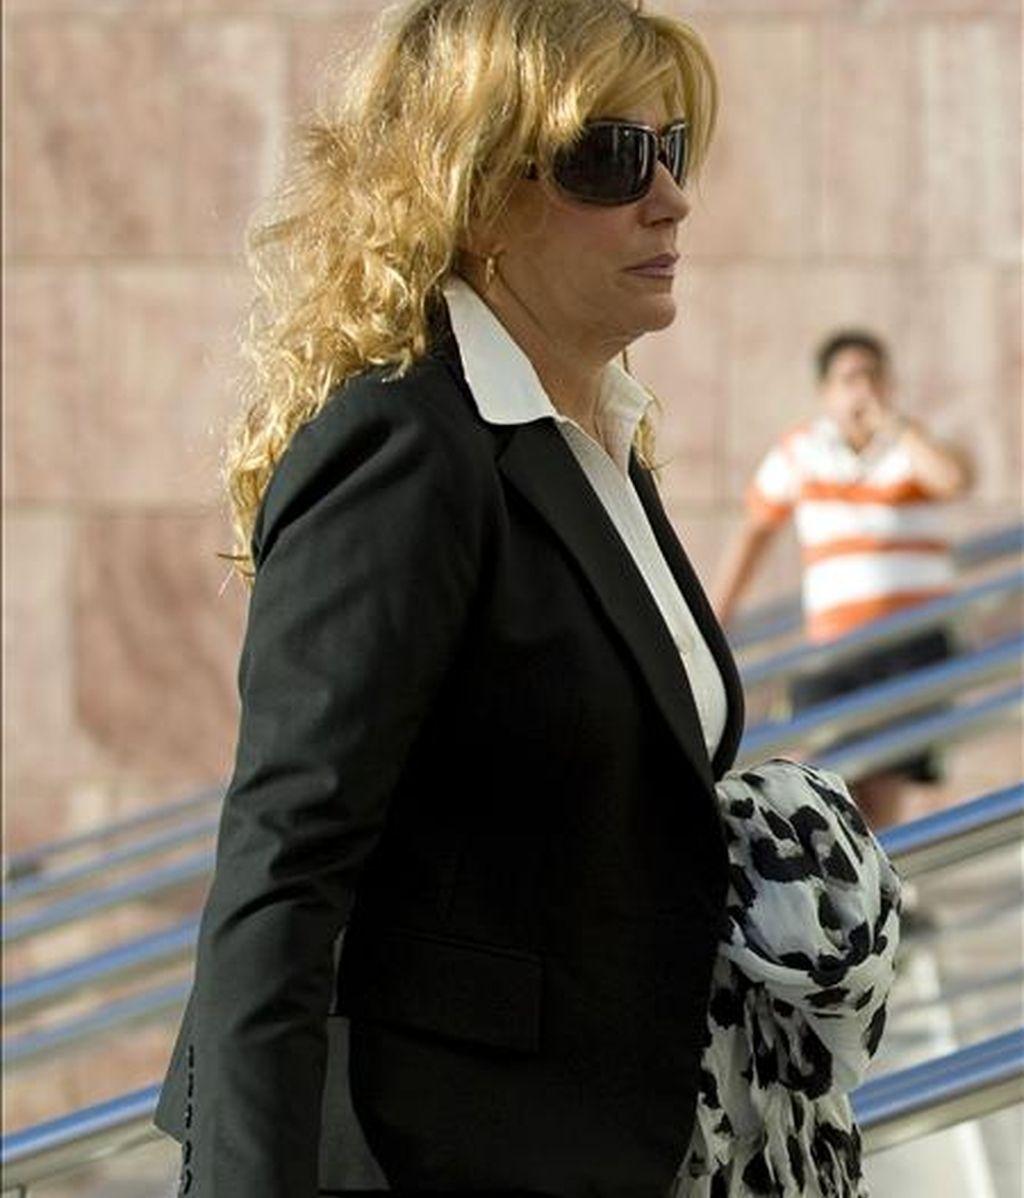 La ex alcaldesa de Marbella Marisol Yagüe. EFE/Archivo